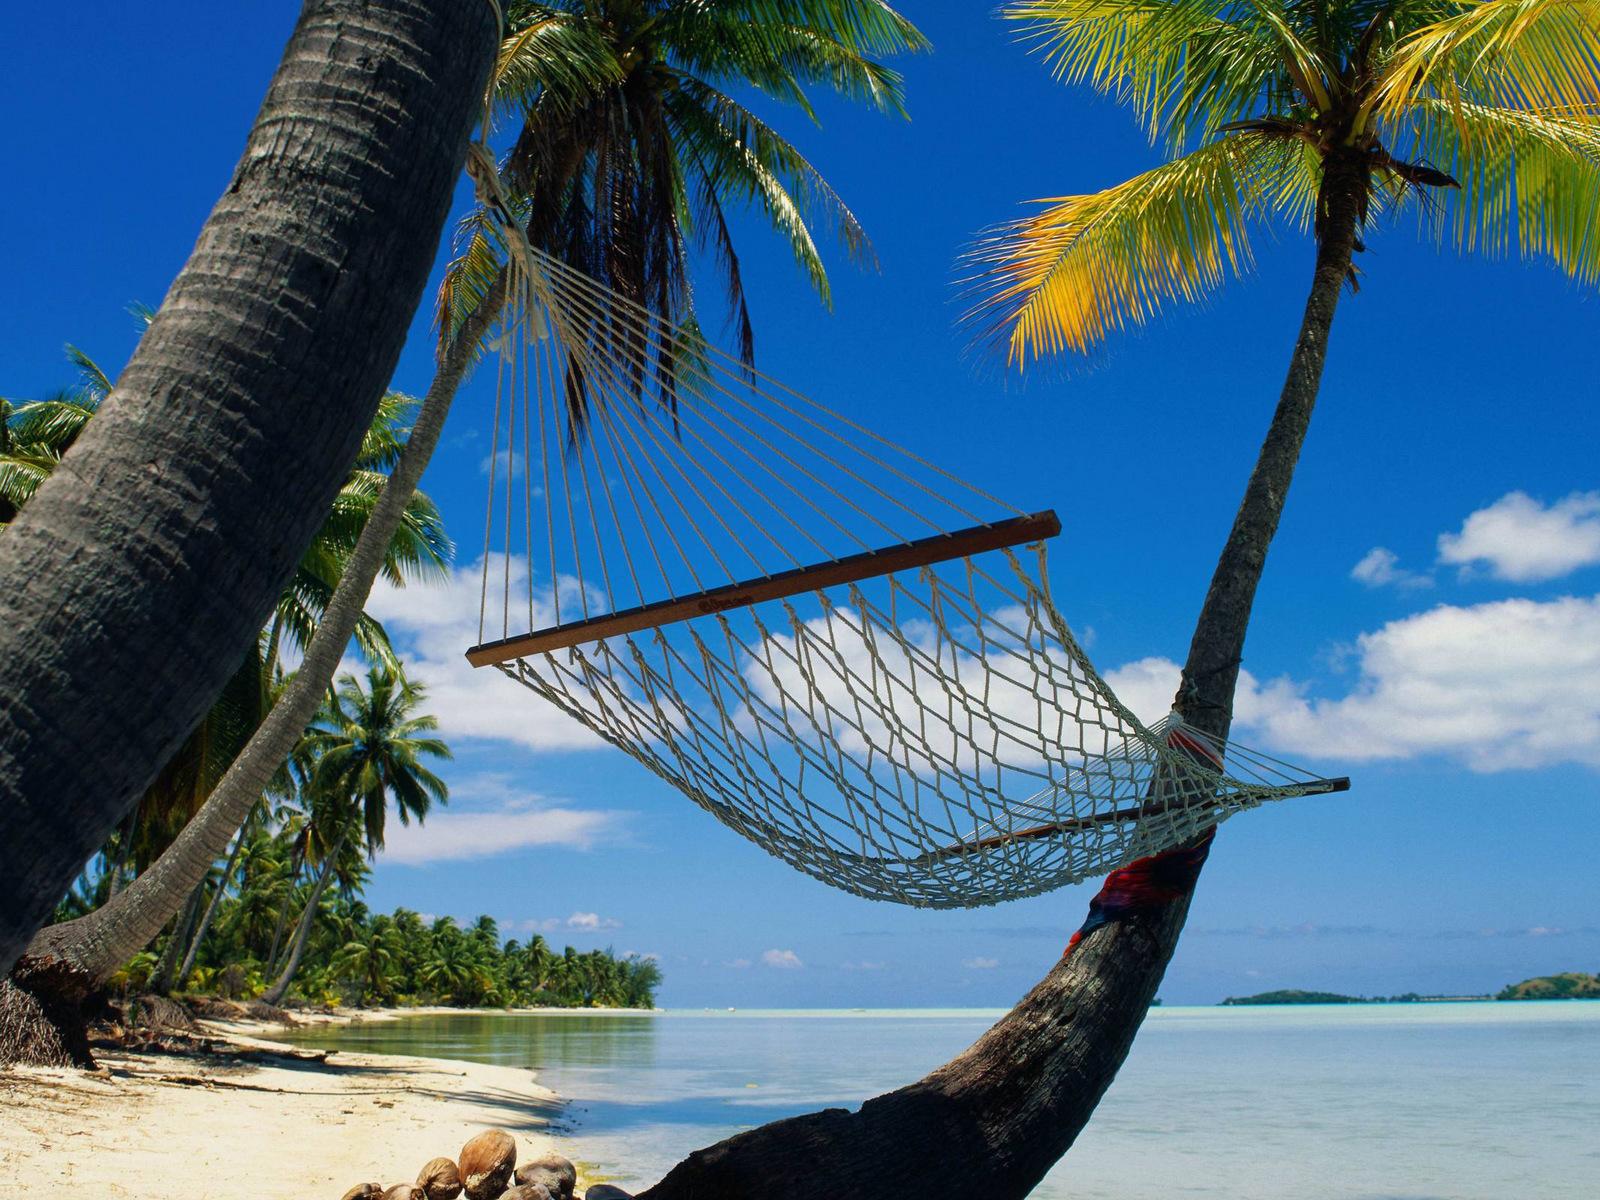 21502壁紙のダウンロード風景, 海, ビーチ, パームス-スクリーンセーバーと写真を無料で